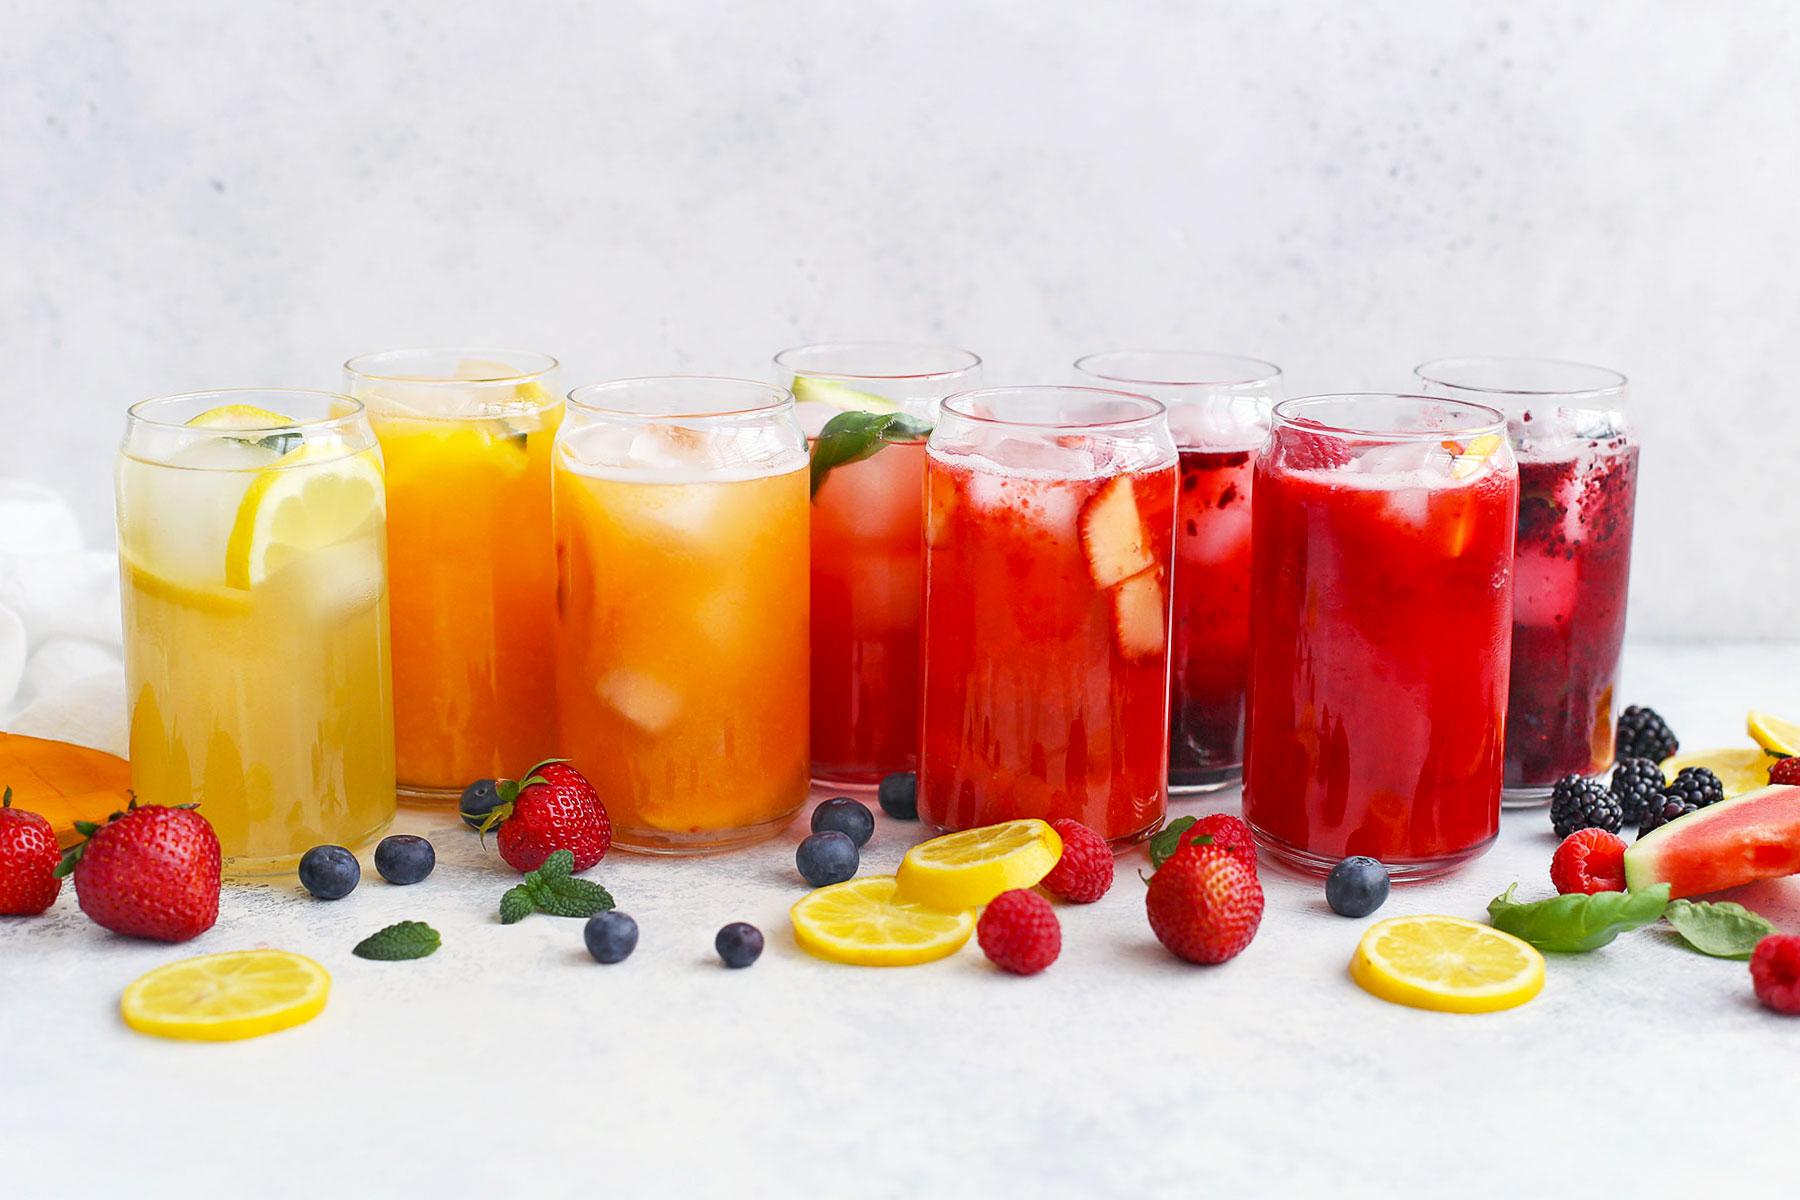 مشروبات للامساك 3 مشروبات طبيعية تساعد في علاج الامساك العيادة